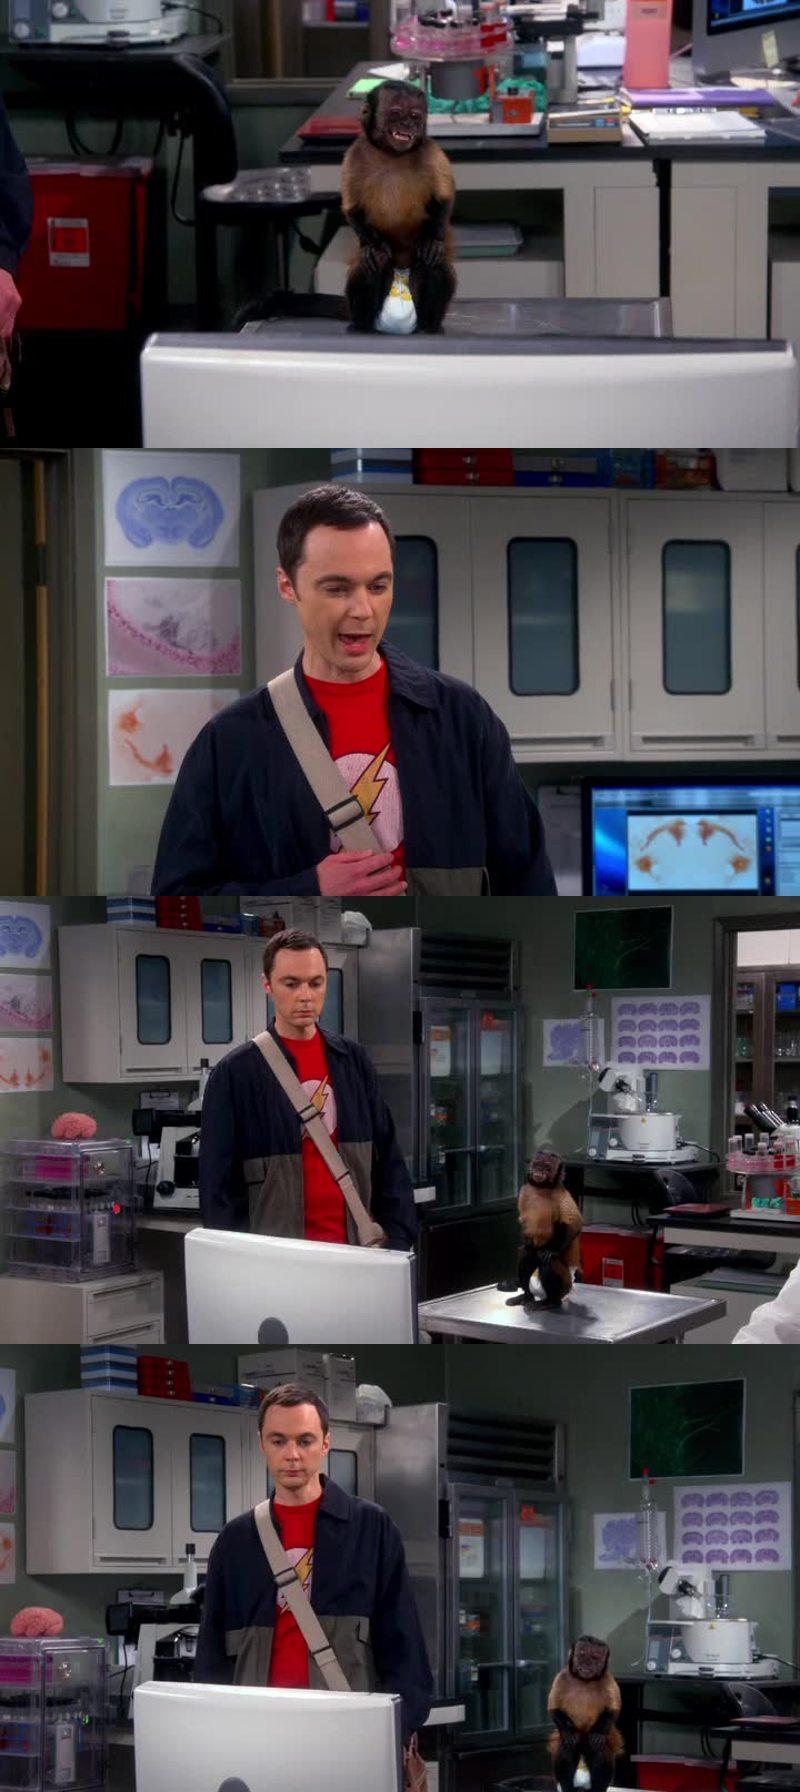 J'ai adoré la scène avec Sheldon et le singe